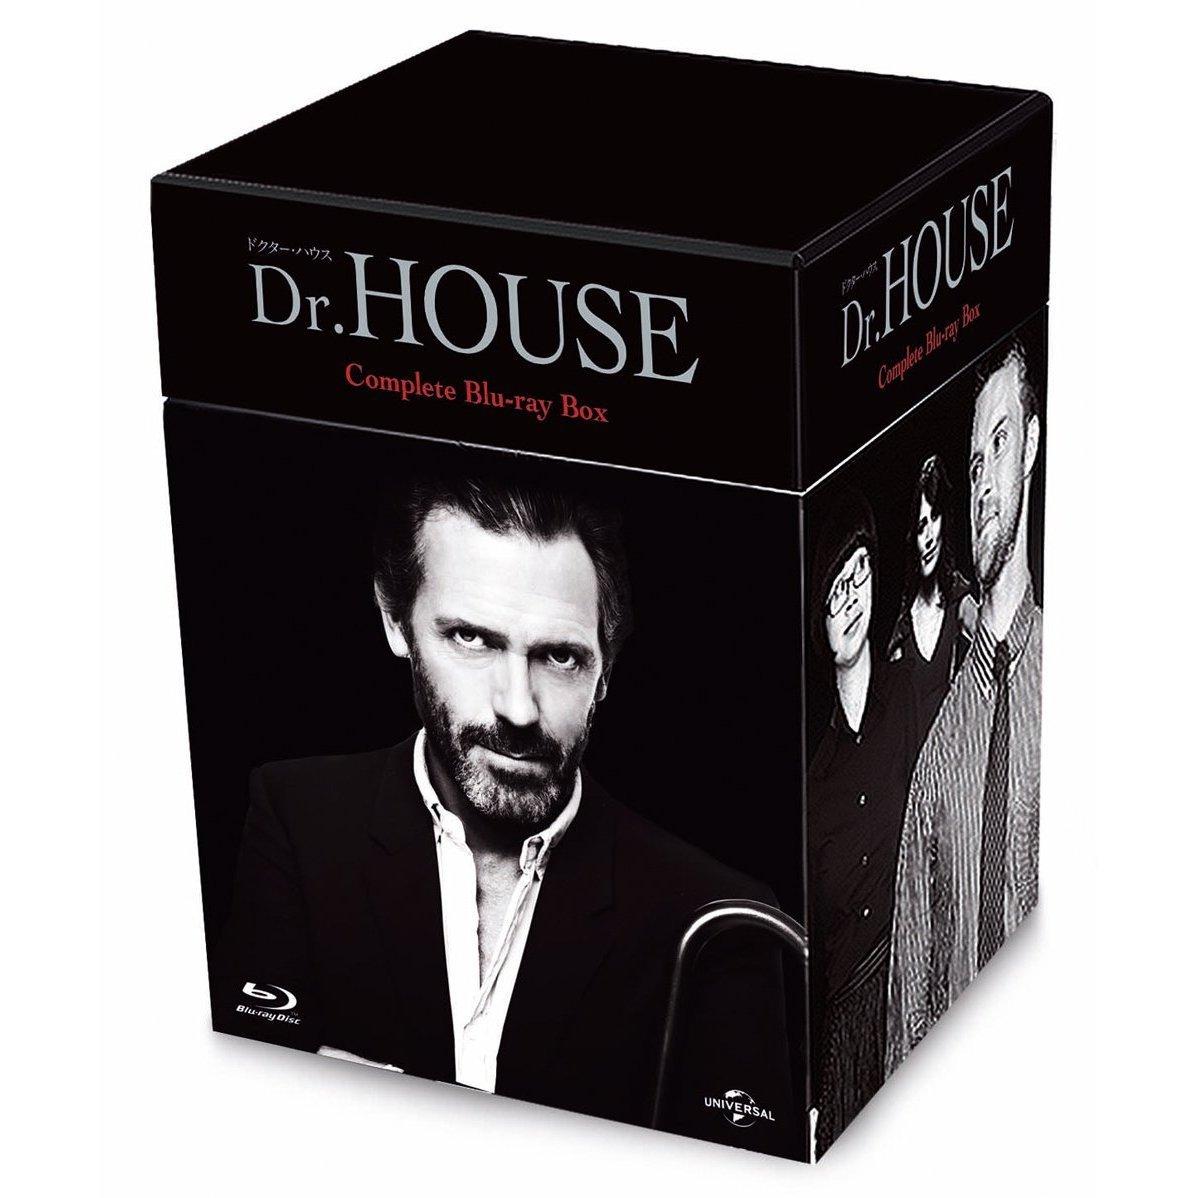 Dr.HOUSE/ドクター・ハウス コンプリート ブルーレイBOX【Blu-ray】 [ ヒュー・ローリー ]